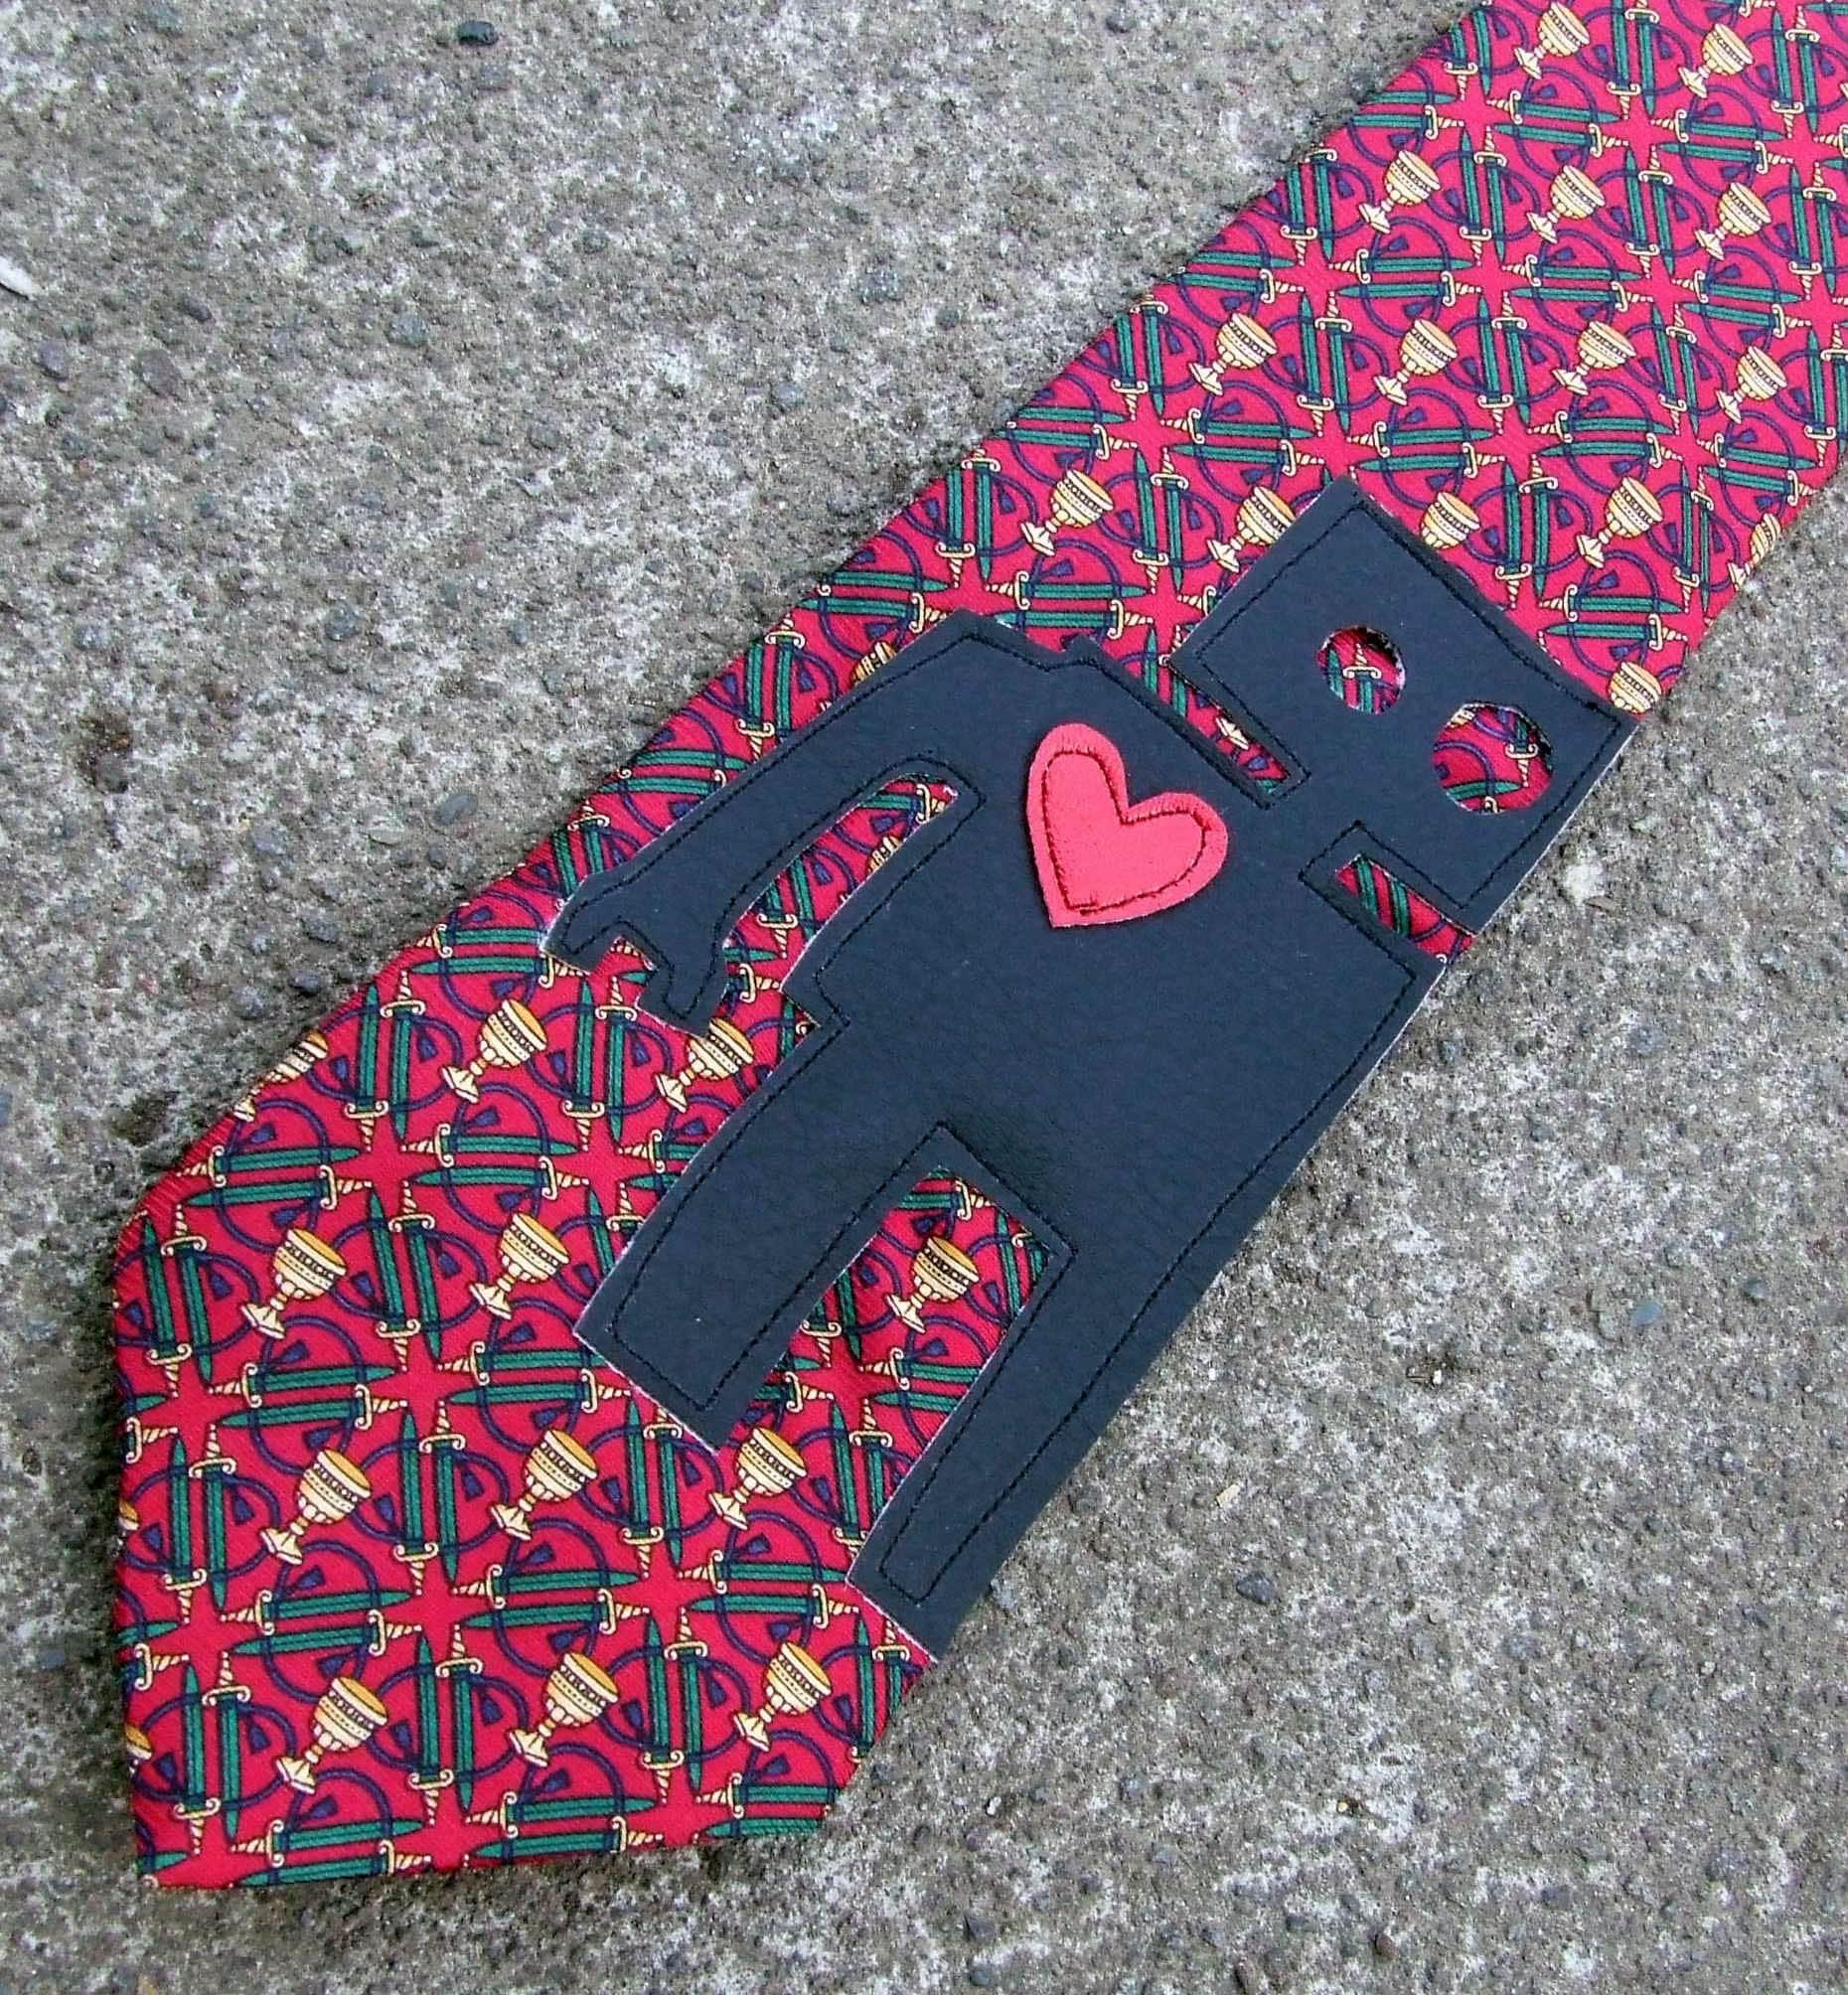 Robot Necktie by SugarLust, on Etsy.com